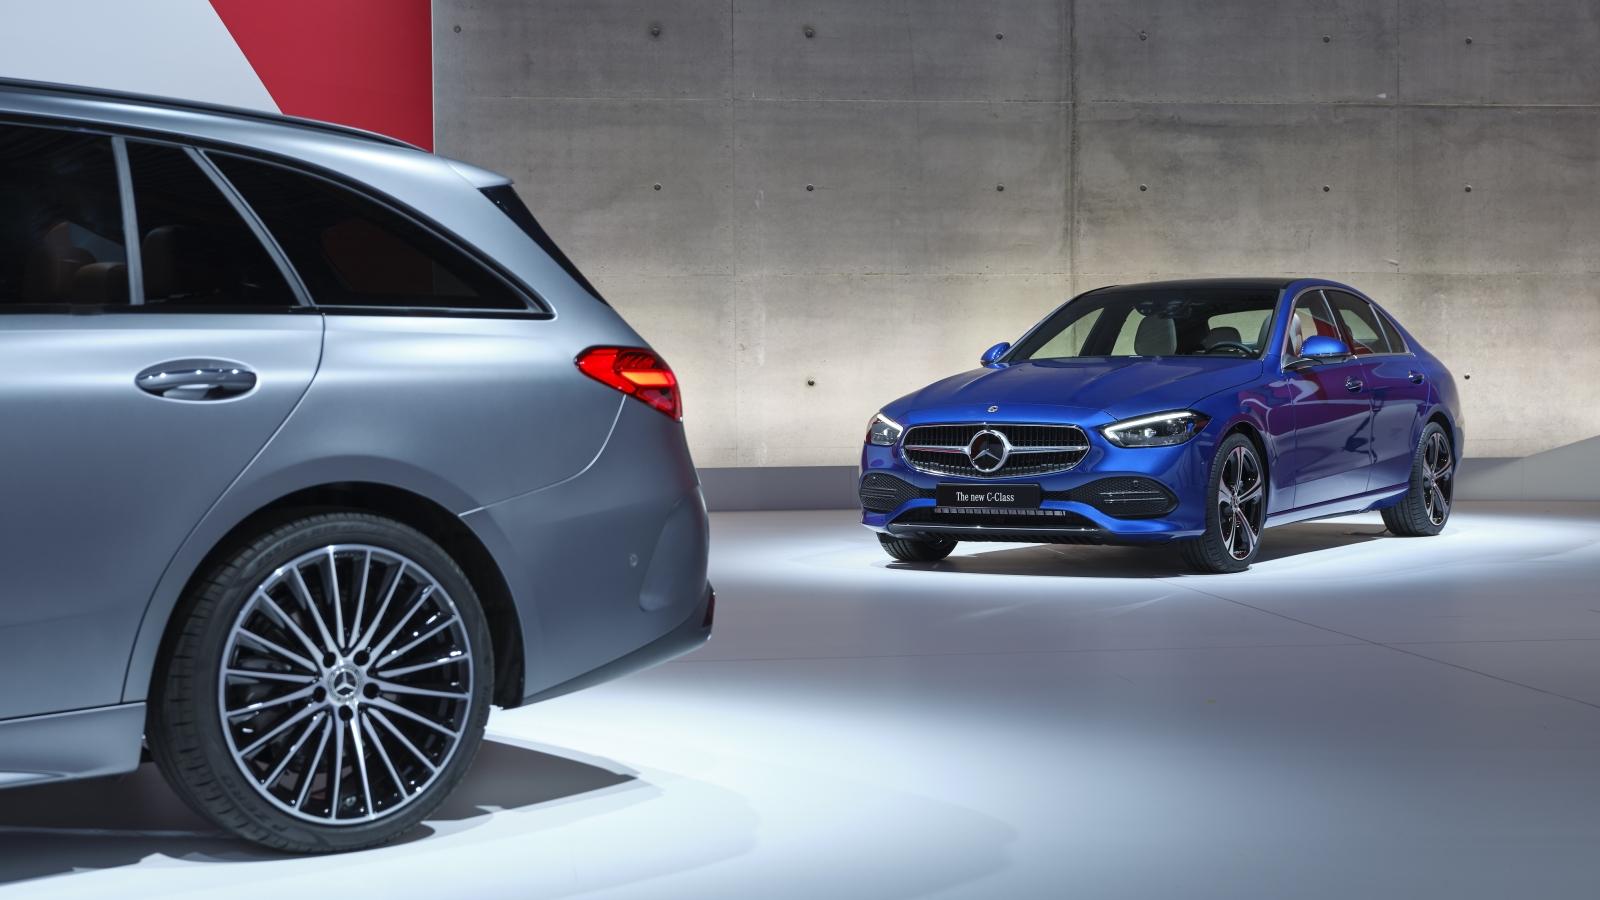 Verkaufsstart für C-Klasse Limousine und T-ModellStart of sales for C-Class Saloon and Estate